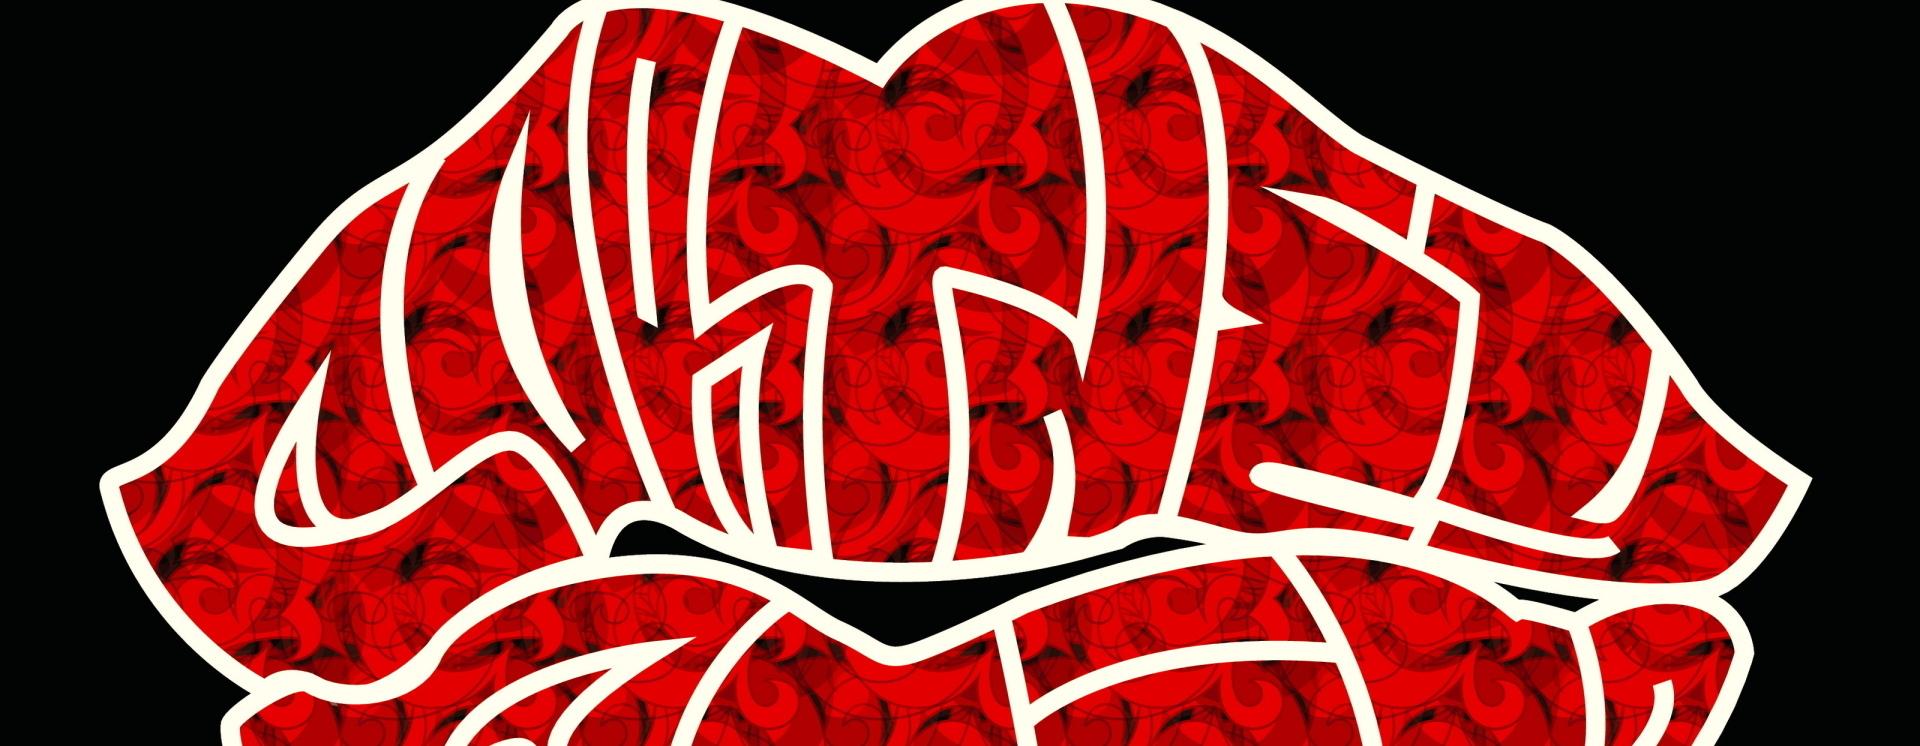 1402186910 lips cortney page 0 copy